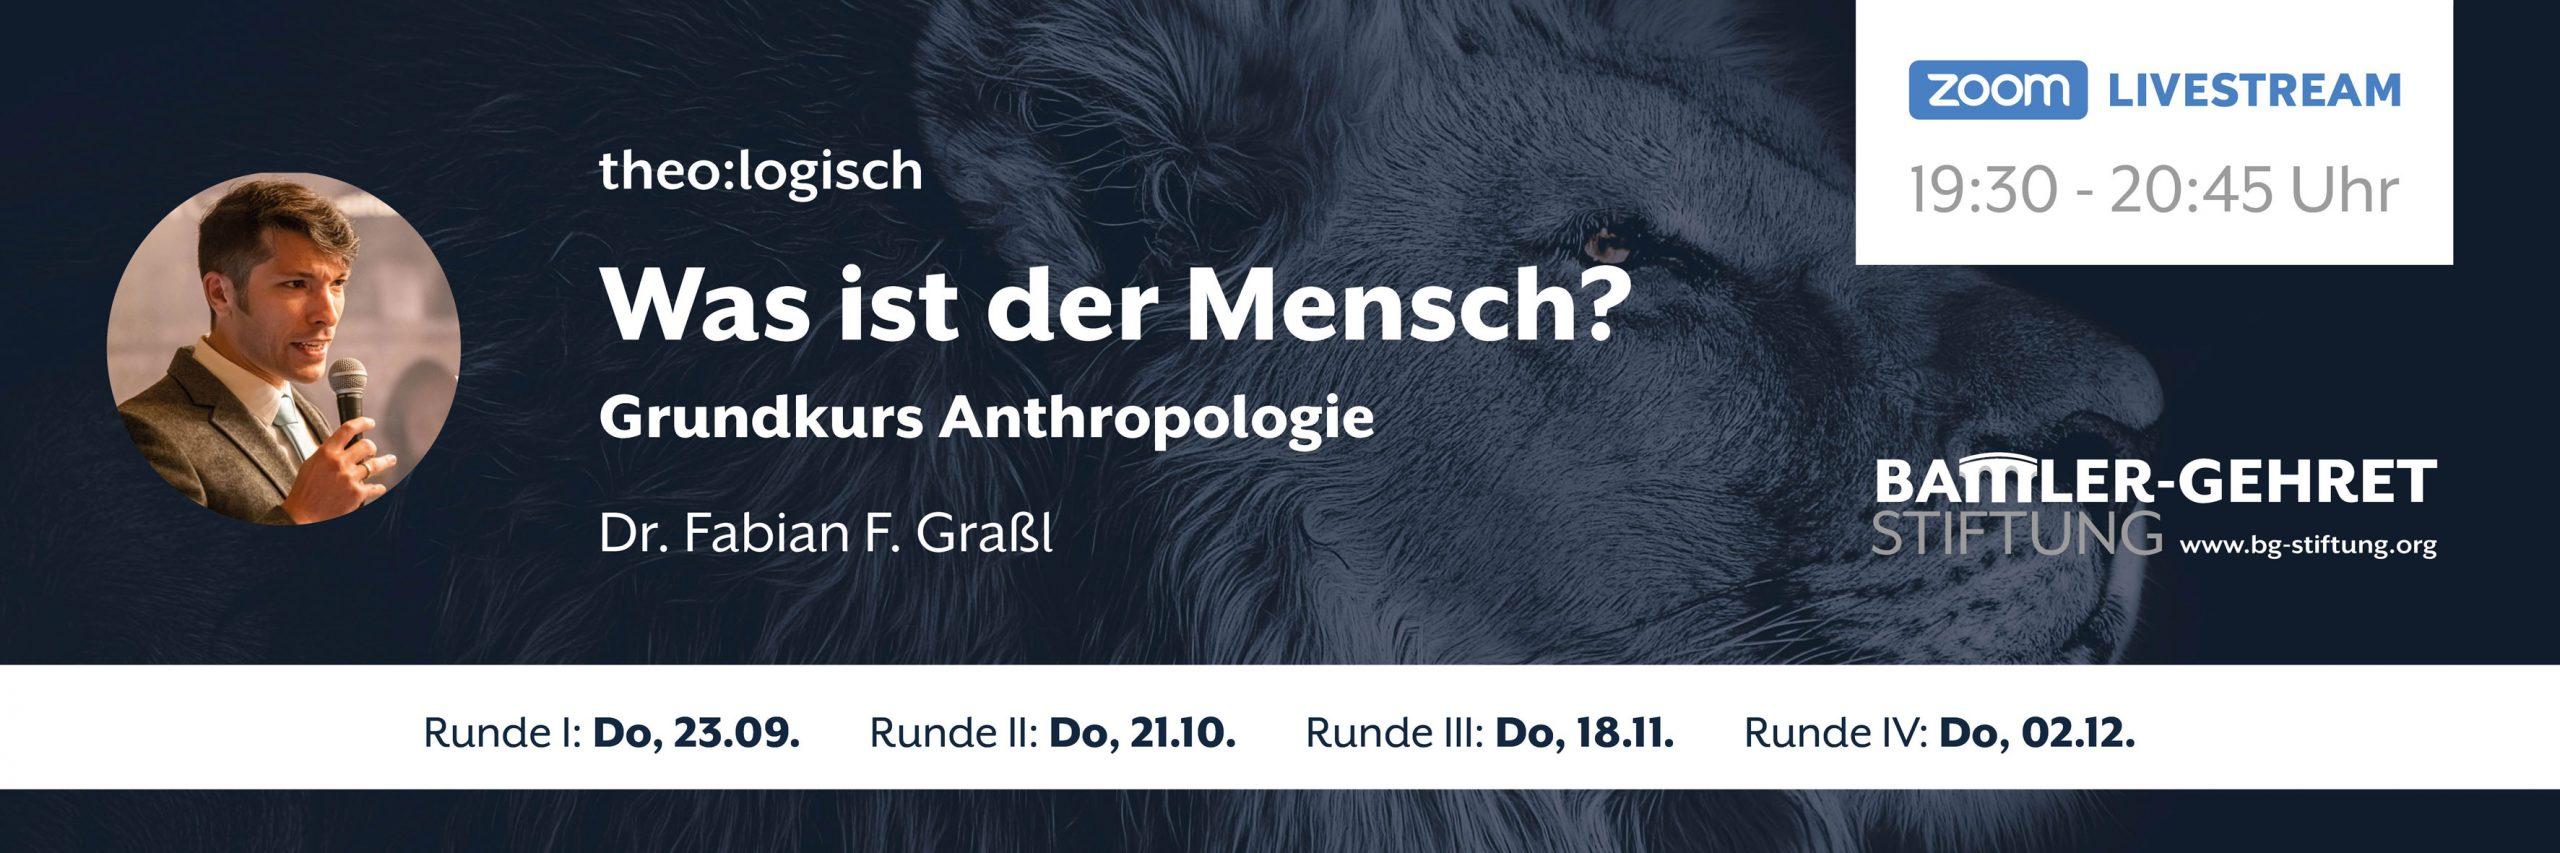 gesamt-poster_was-ist-der-mensch_1200x400_theologisch_web_01